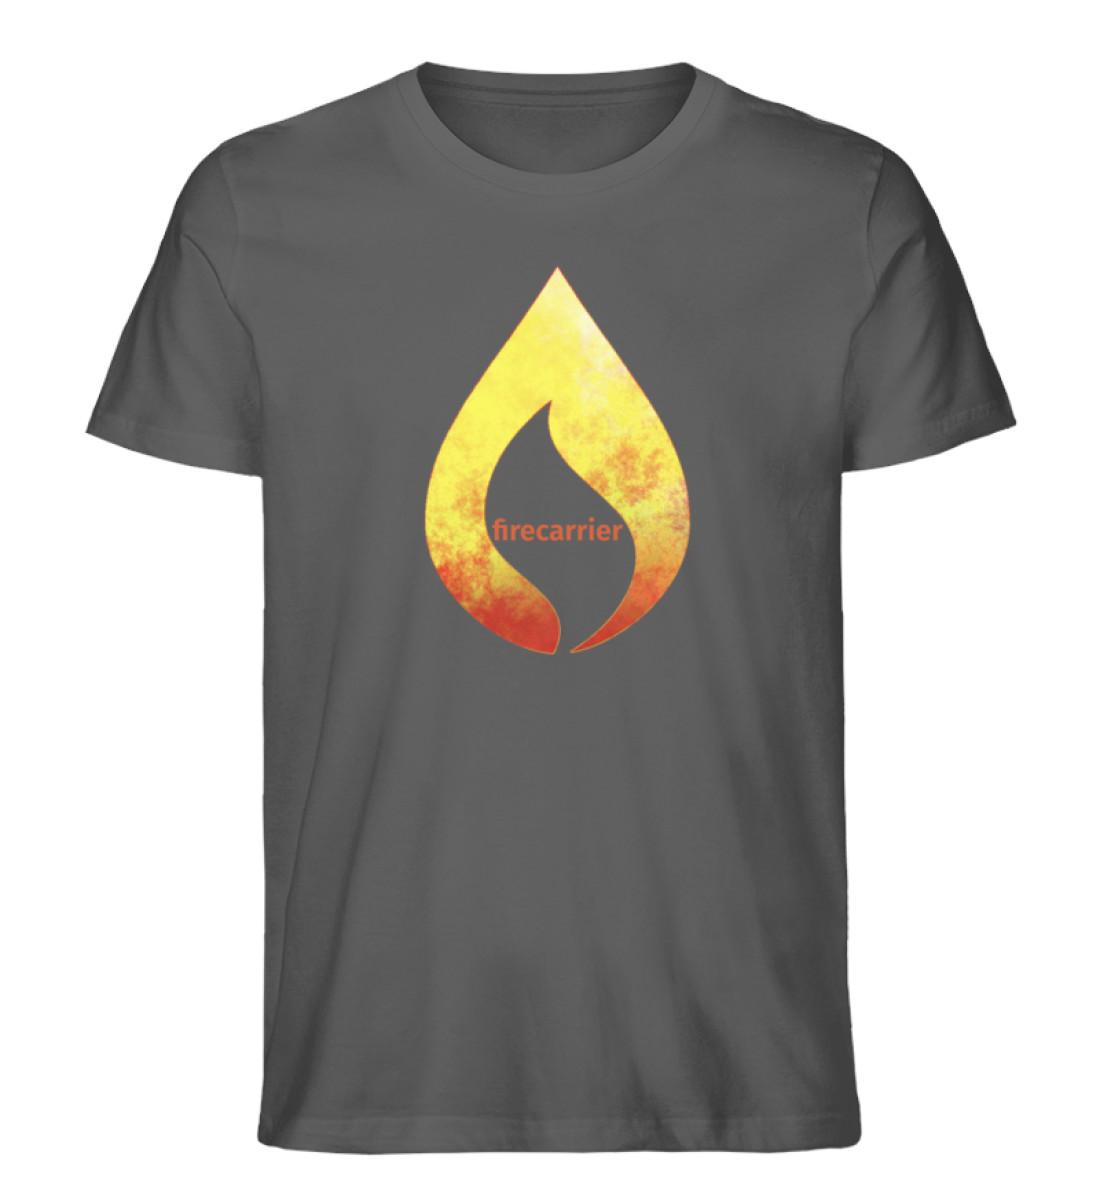 hot fire - Herren Premium Organic Shirt-6903